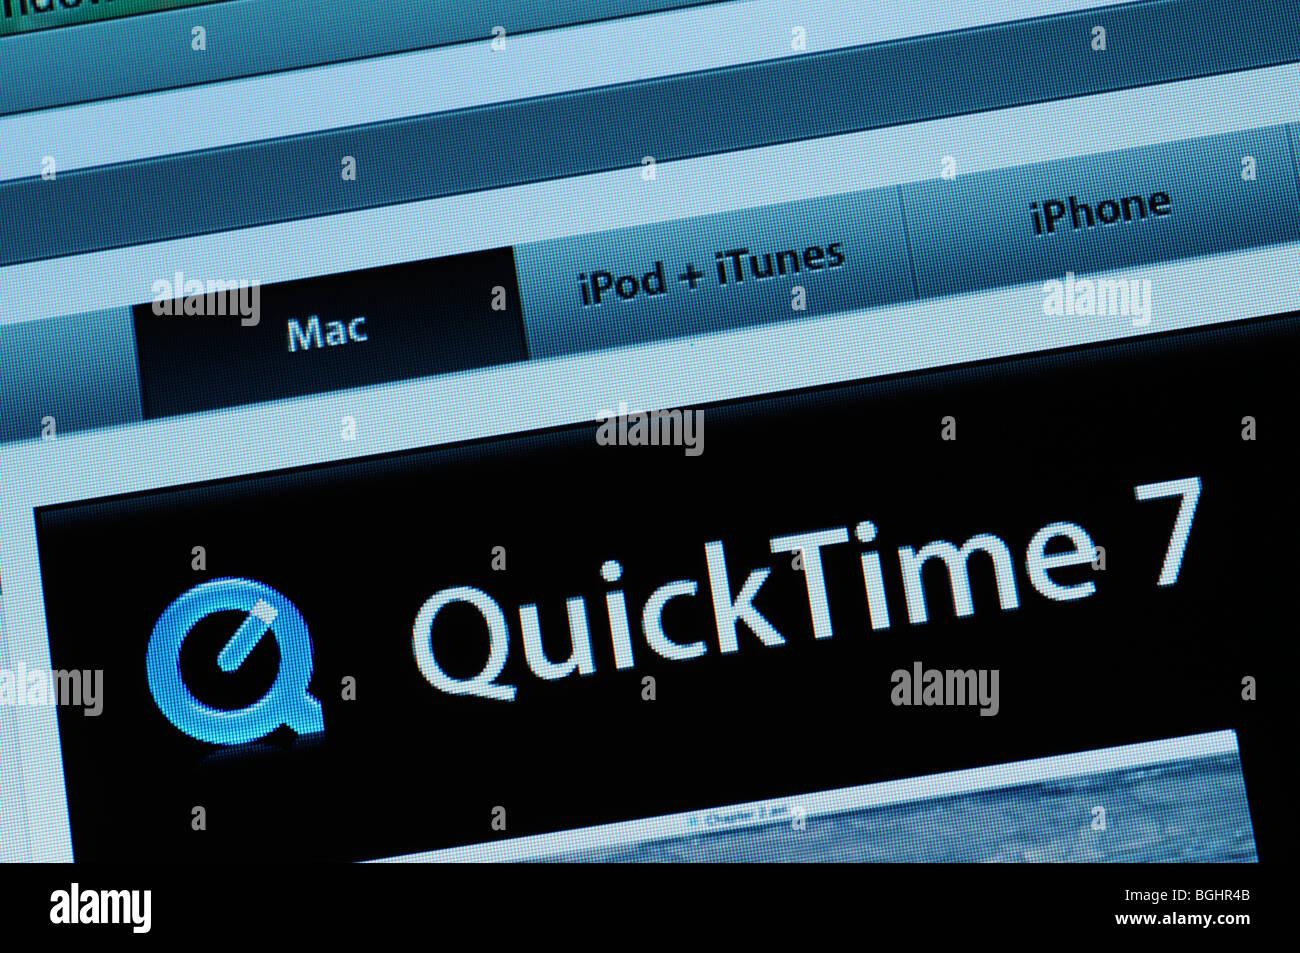 QuickTime download website - Stock Image